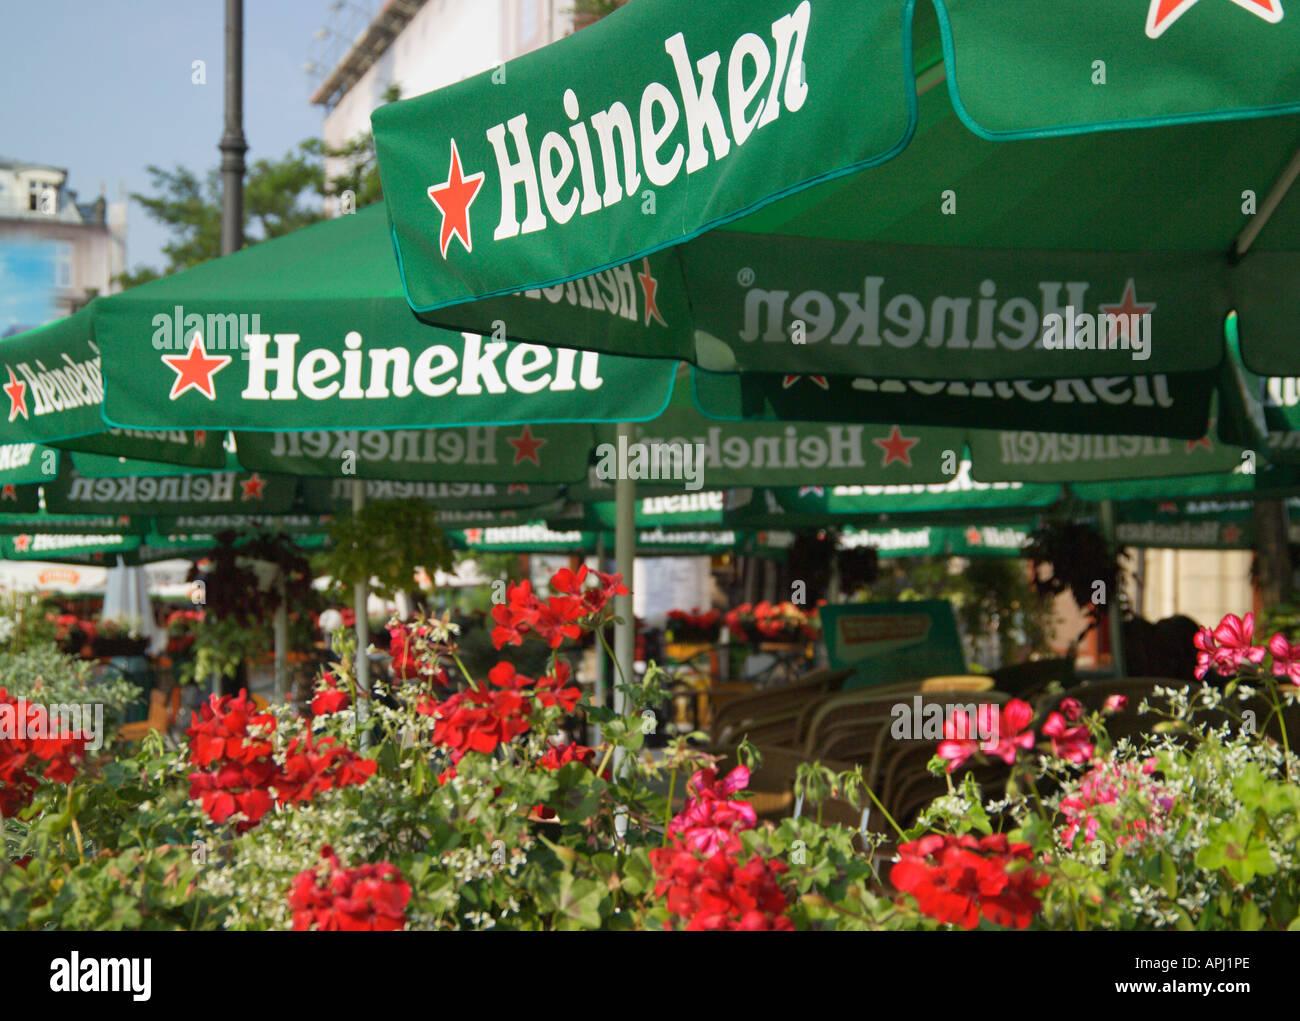 Heineken Parasol cafe Rynek Glowny Krakow Poland Stock Photo